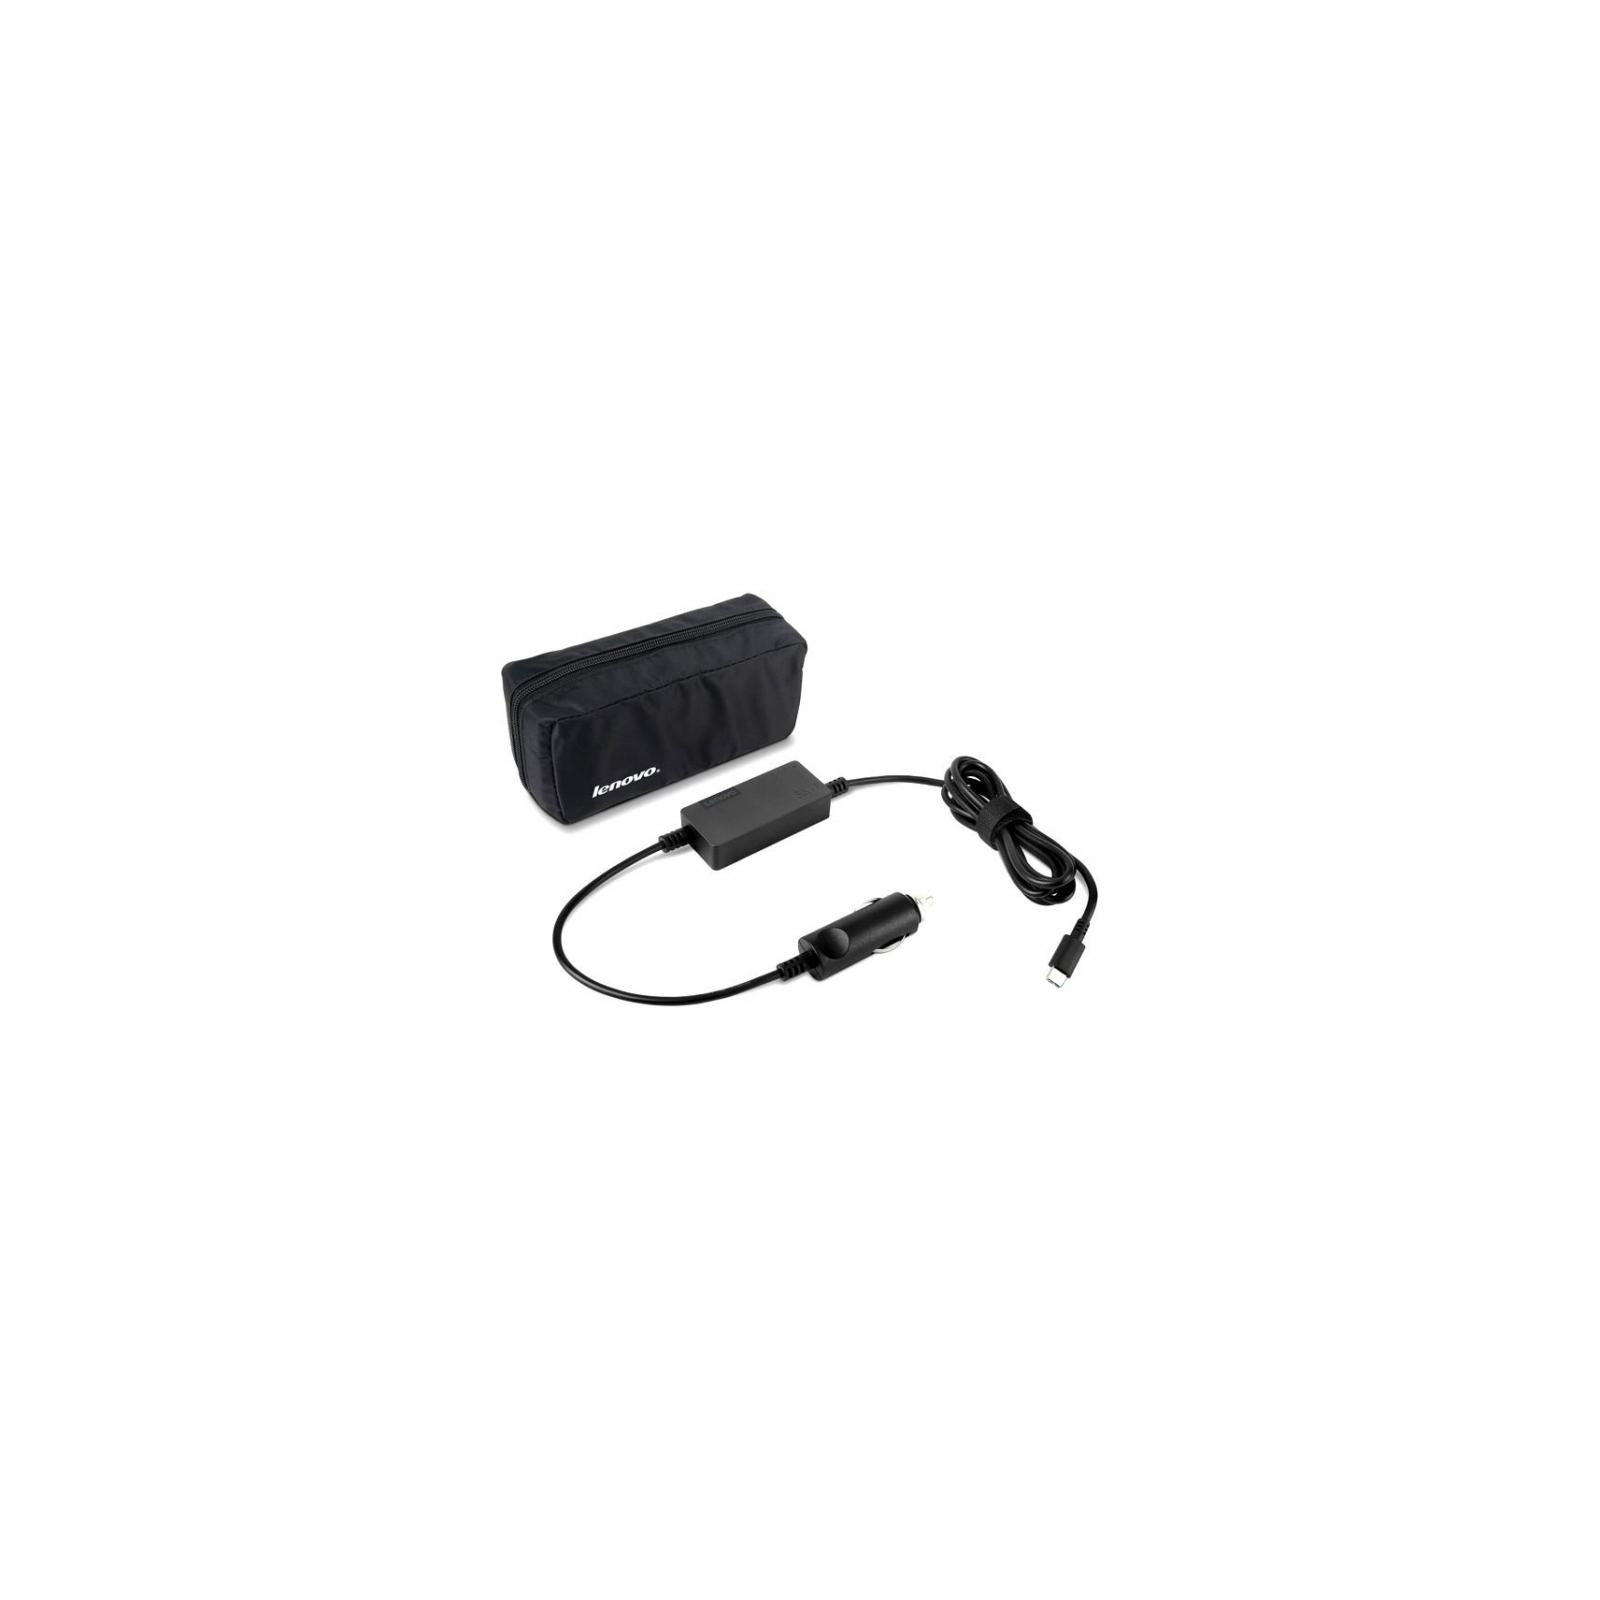 Блок питания к ноутбуку Lenovo 65W USB-C DC Travel Adapter (40AK0065WW) изображение 3